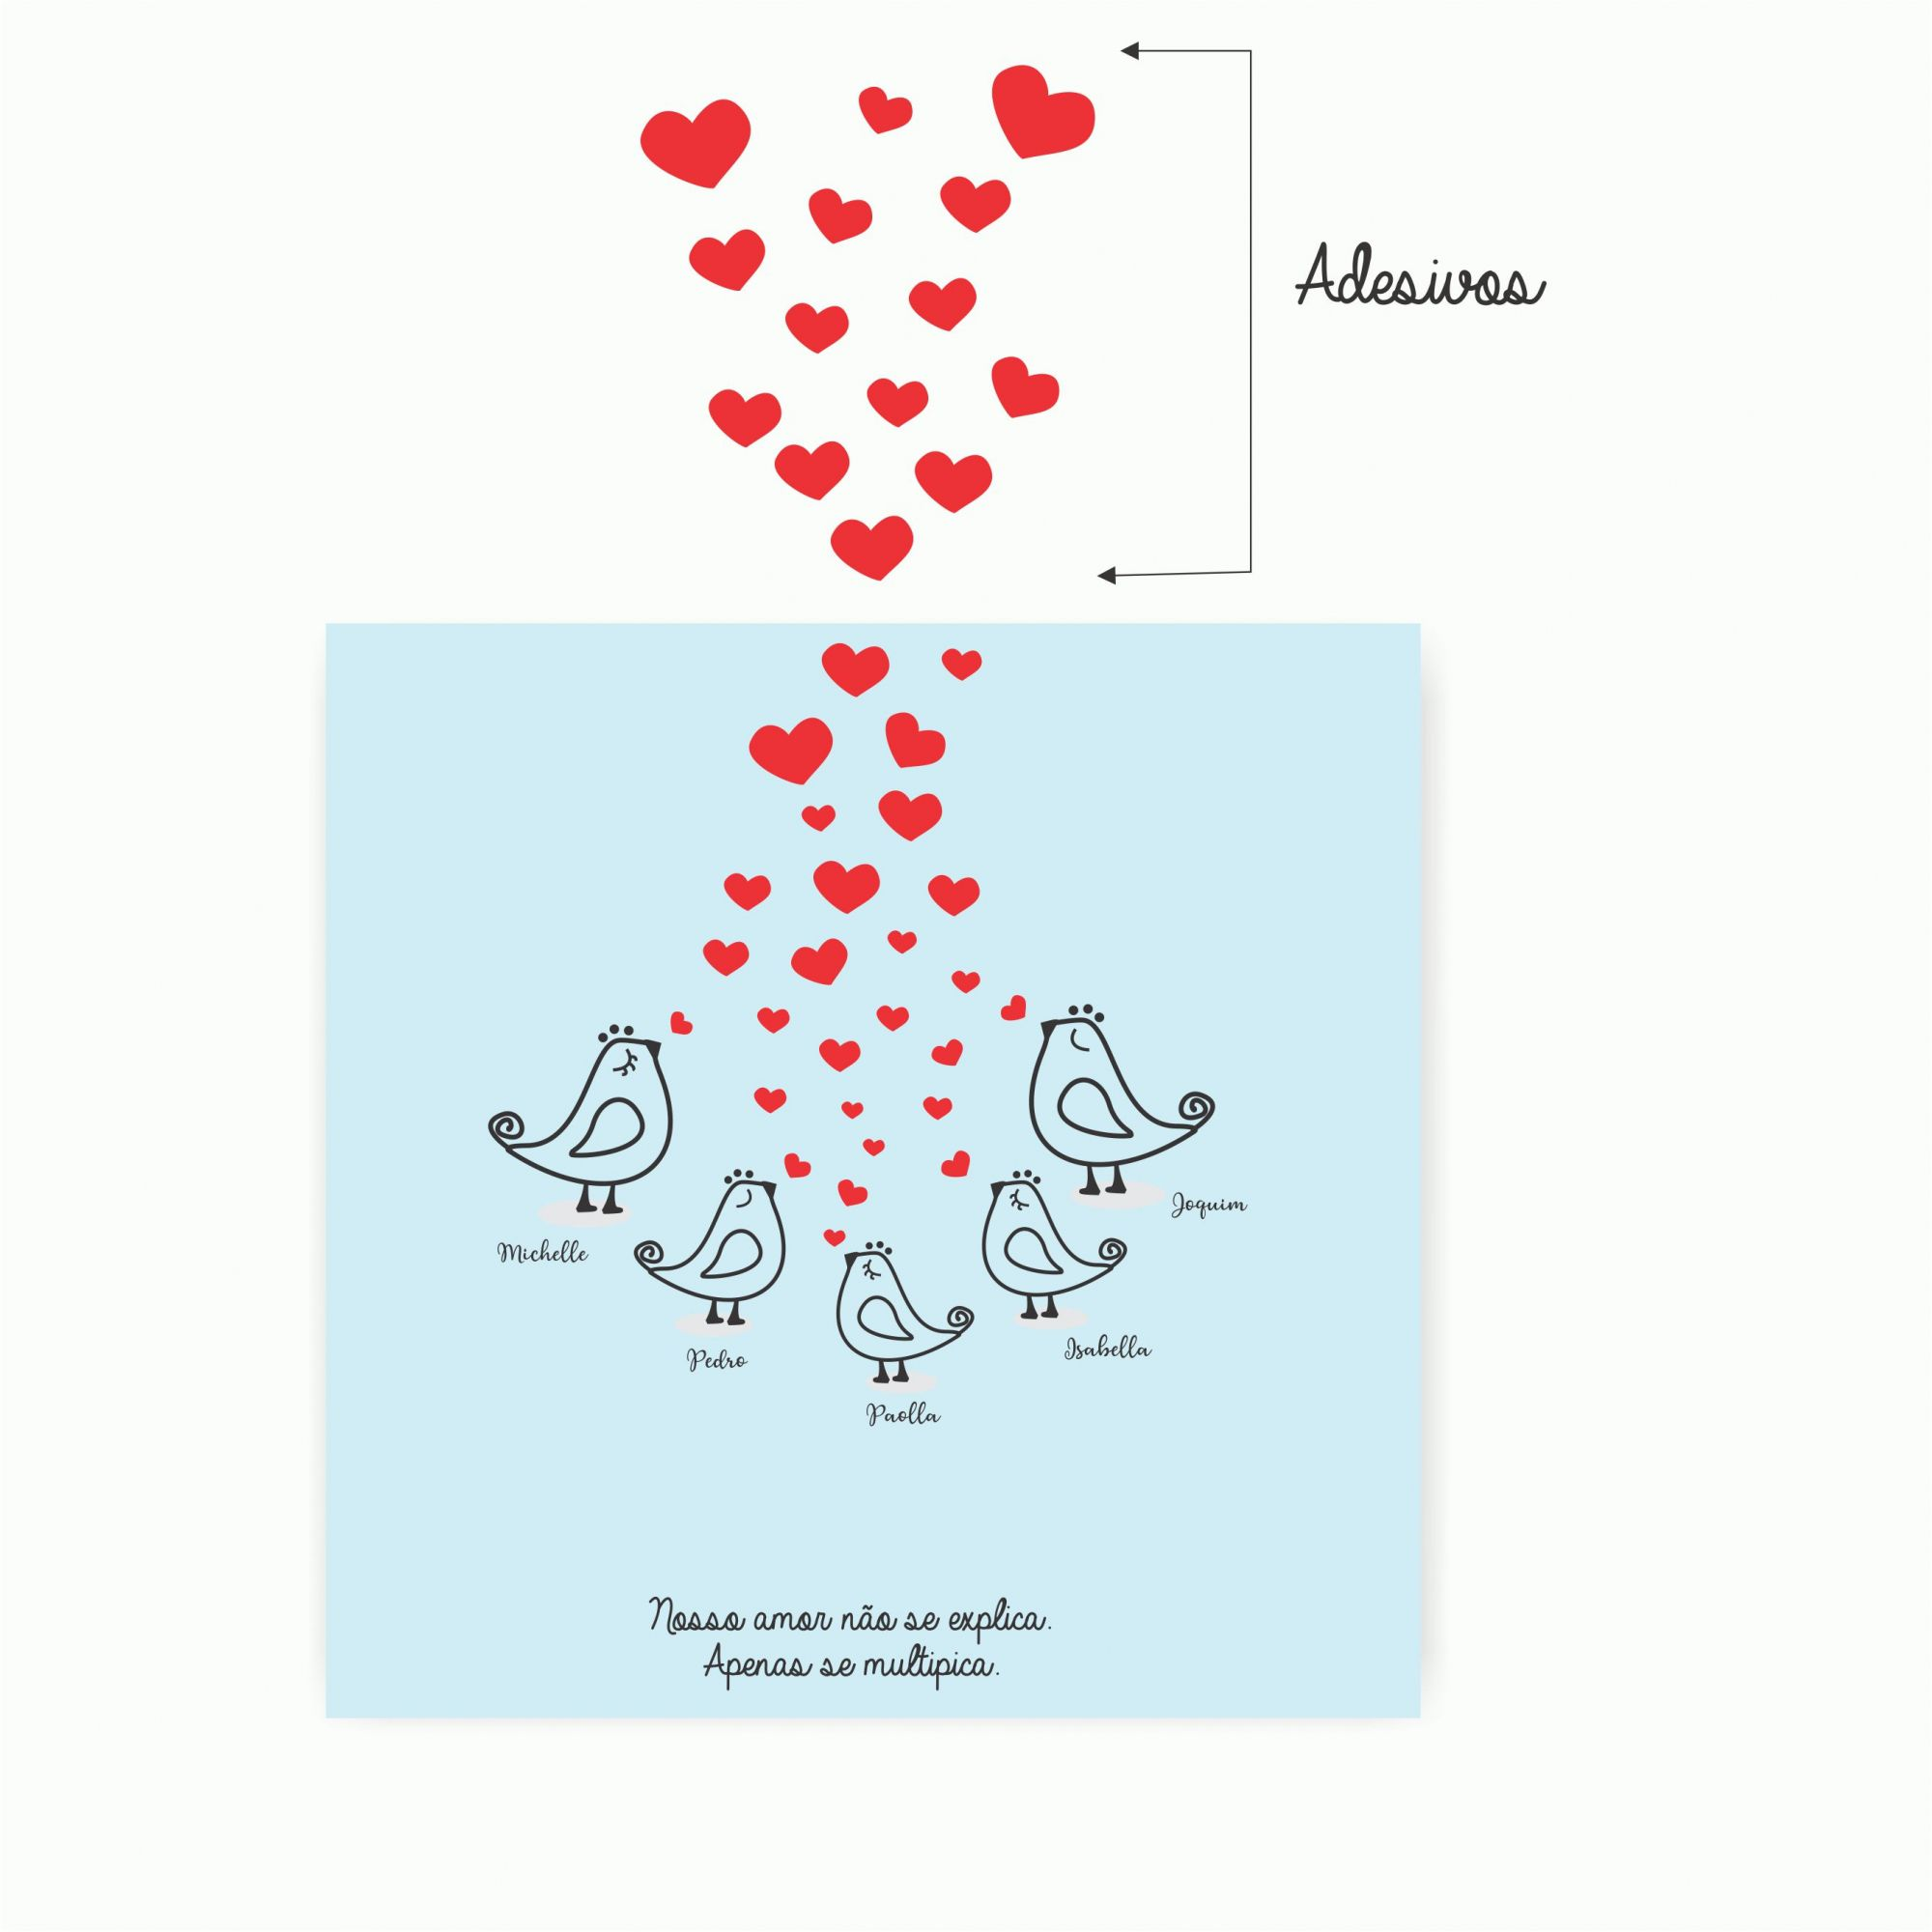 Quadro Personalizado Familia - Passarinhos e Corações  com Adesivos!